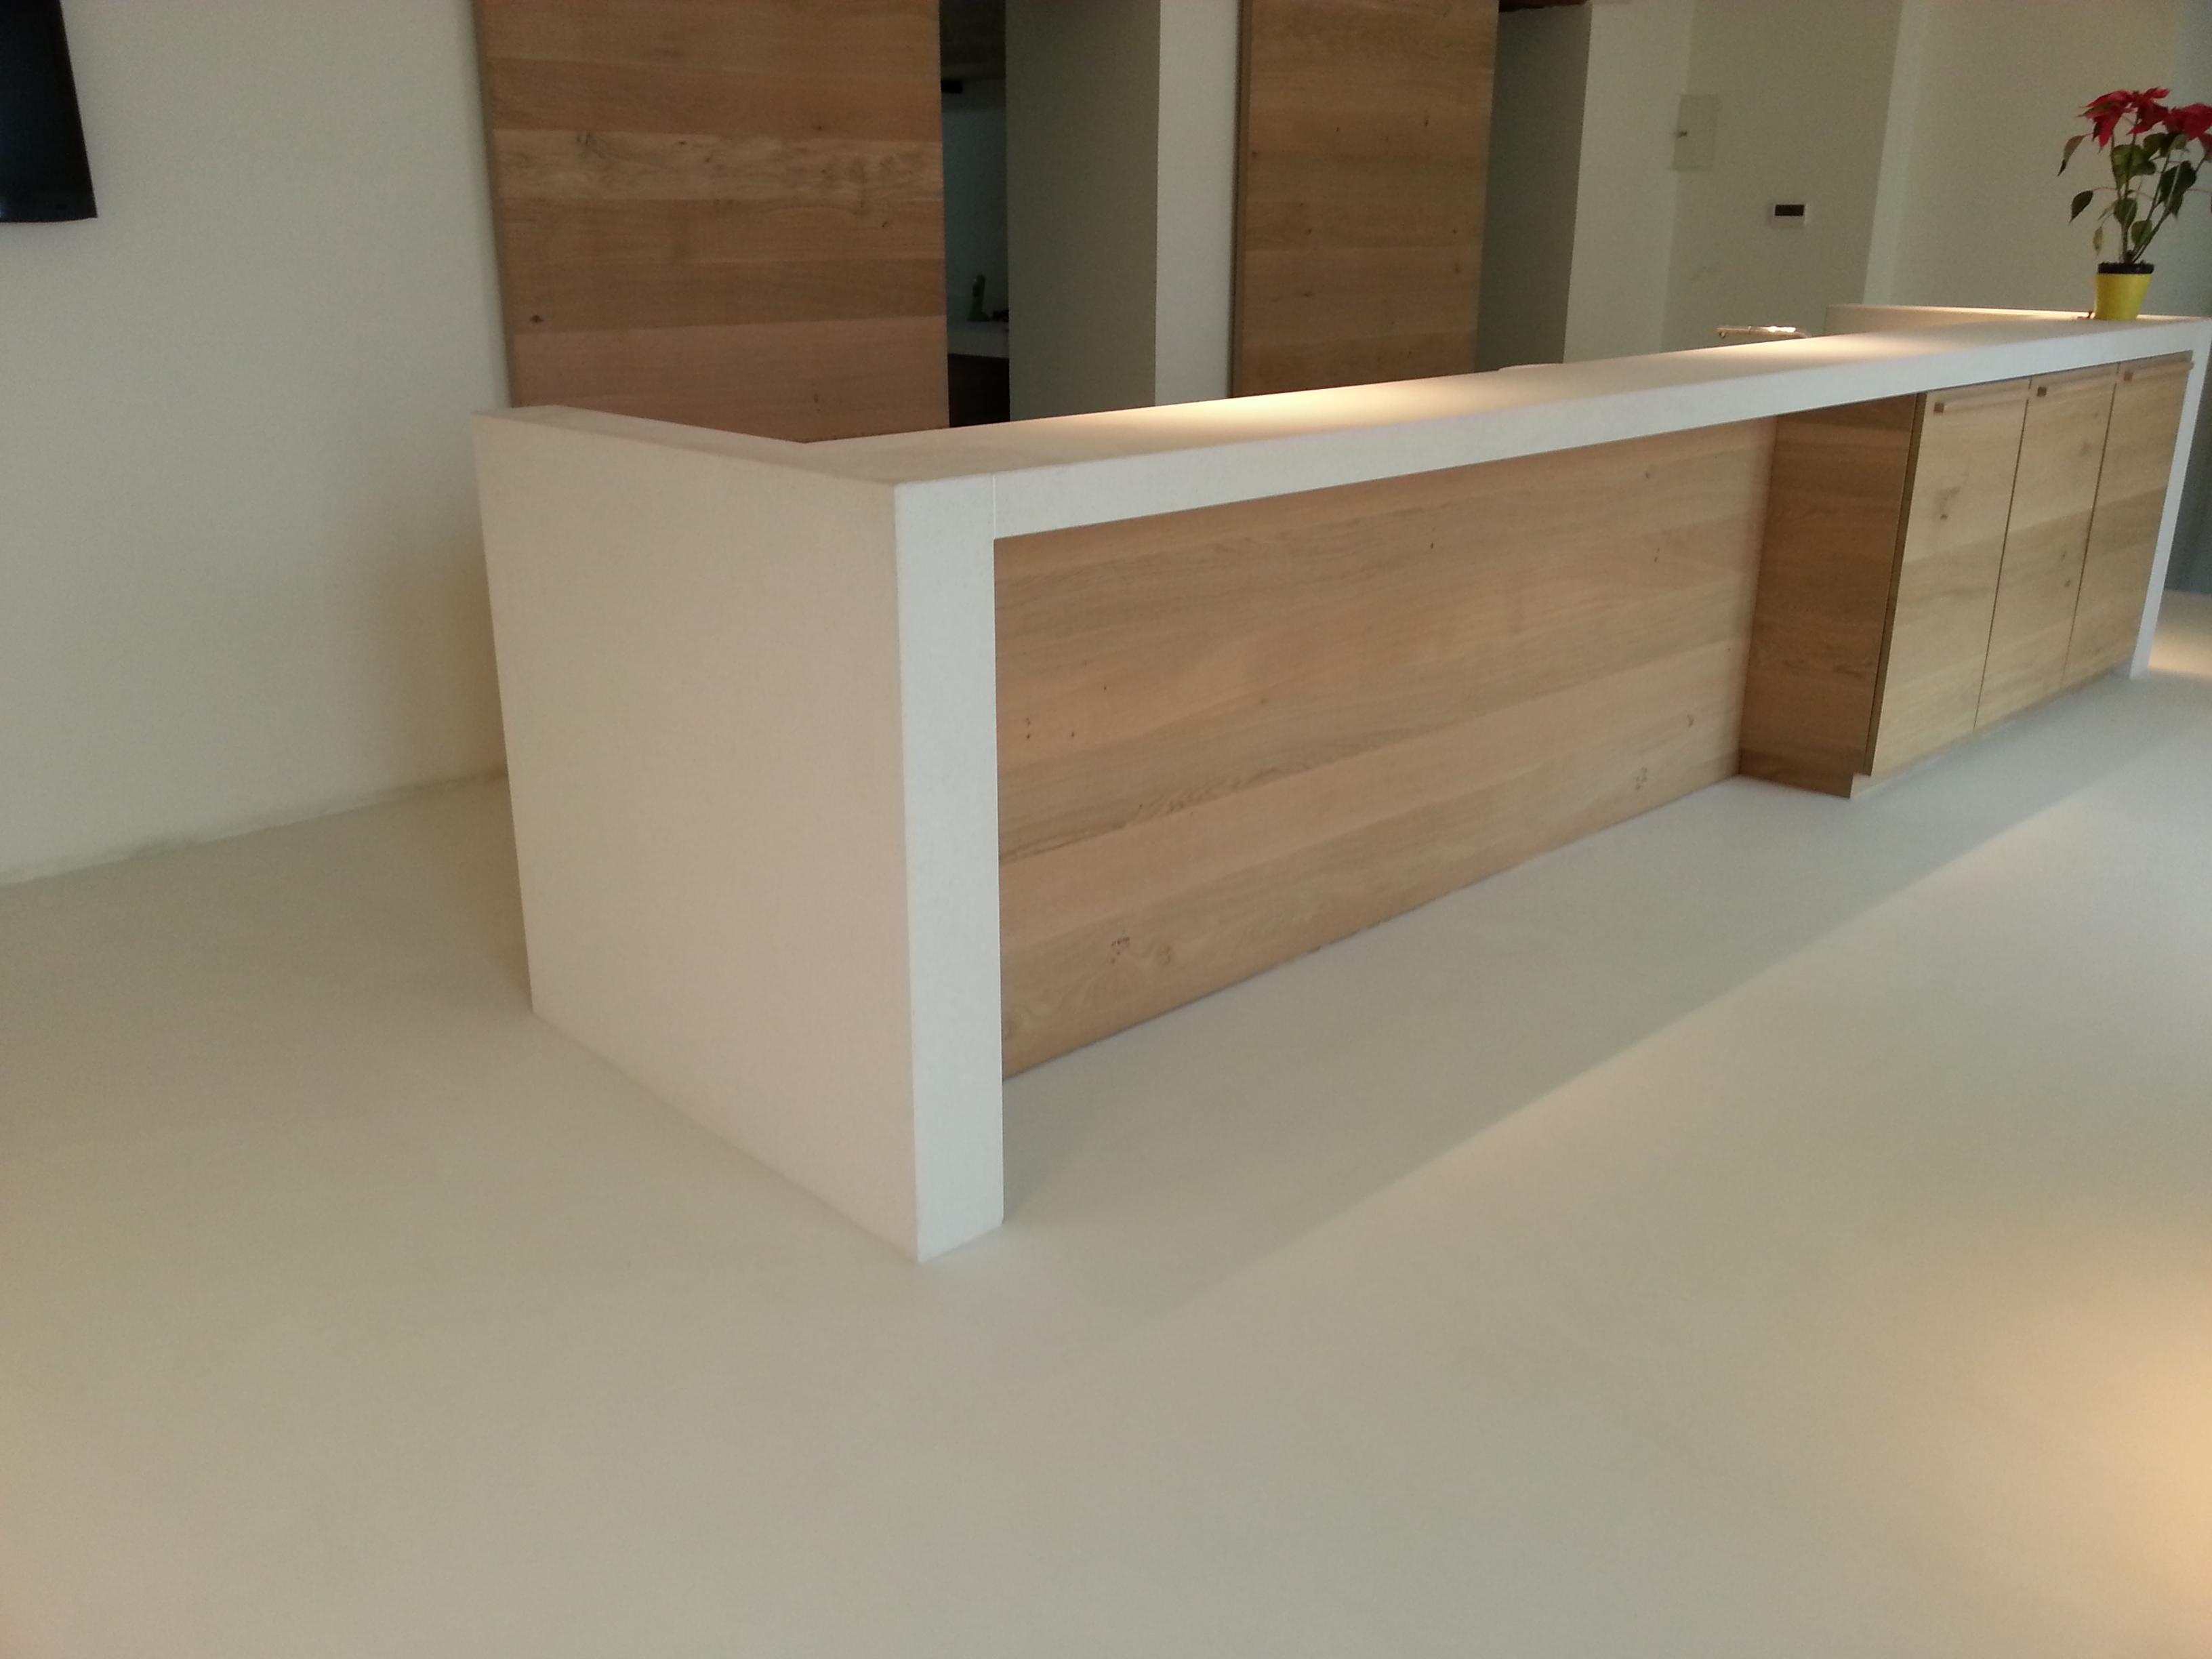 Bagno in cemento resinato le migliori idee per la tua design per la casa - Bagno in cemento resinato ...